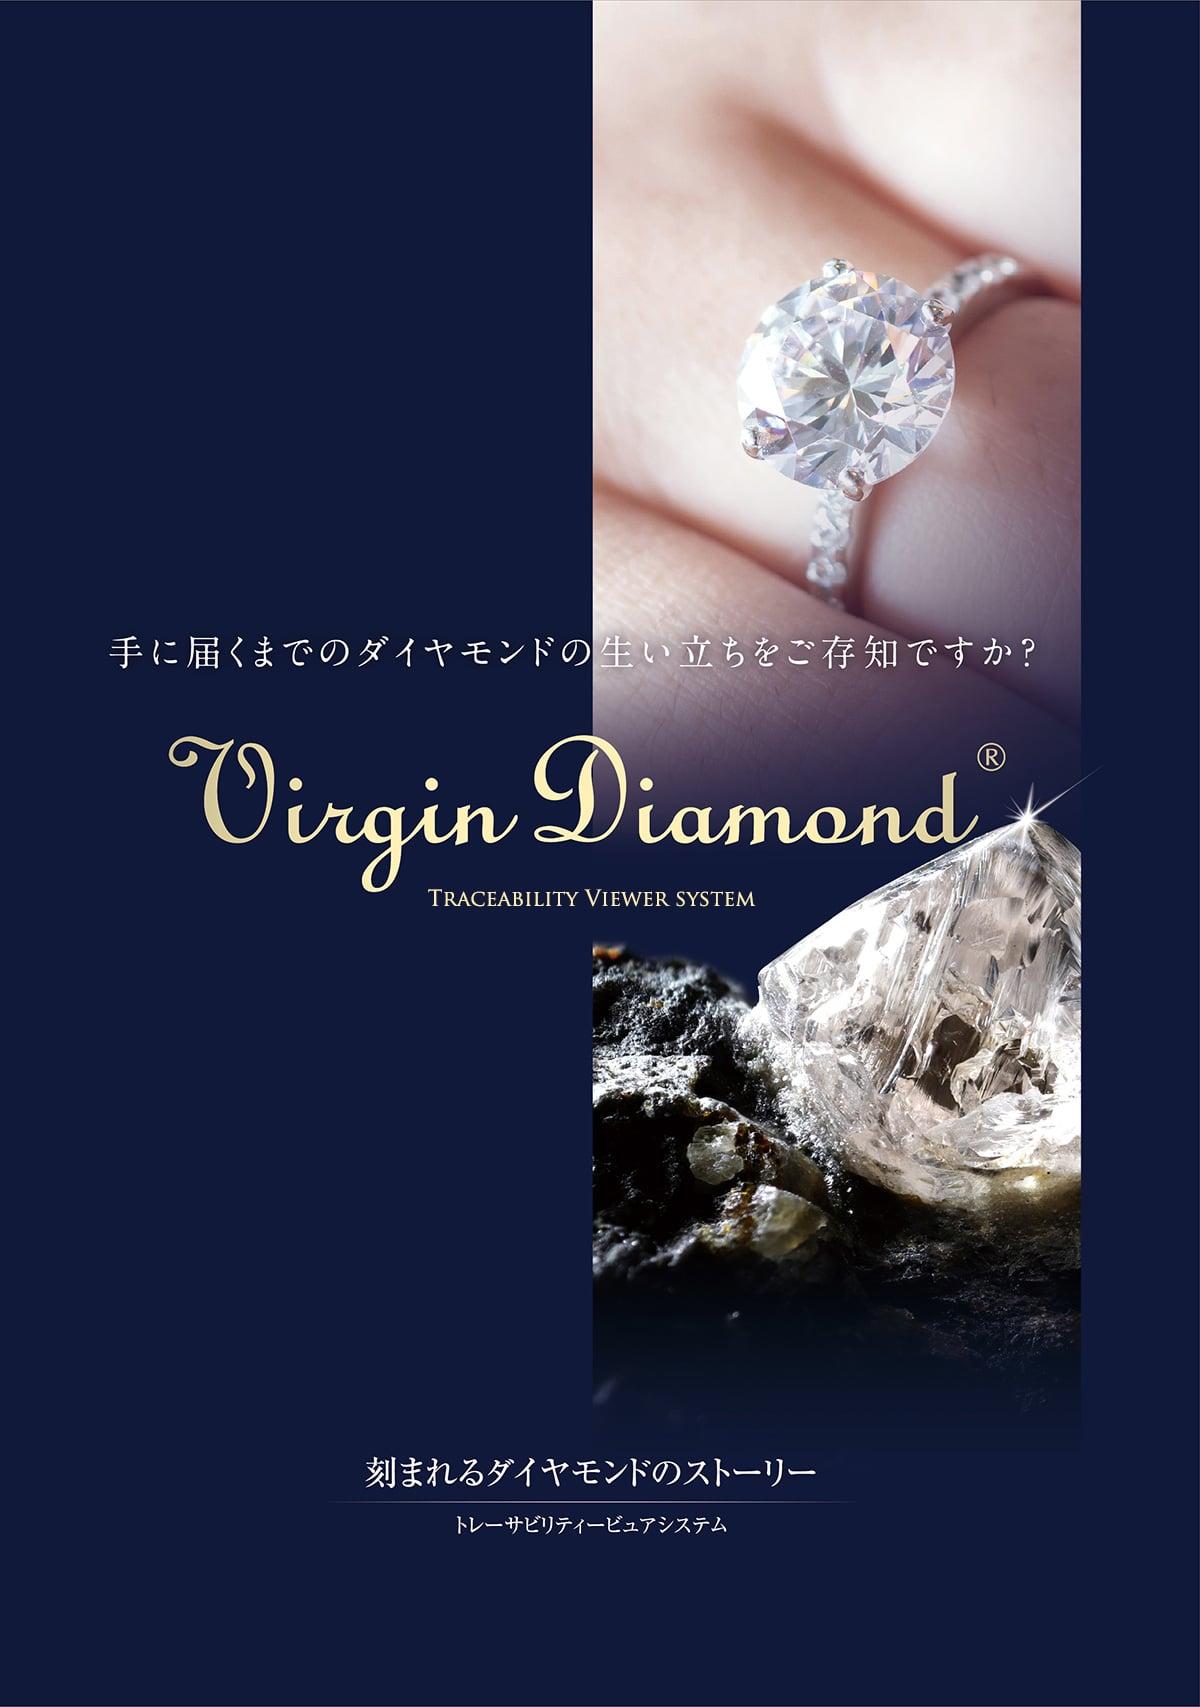 刻まれるダイヤモンドのストーリー